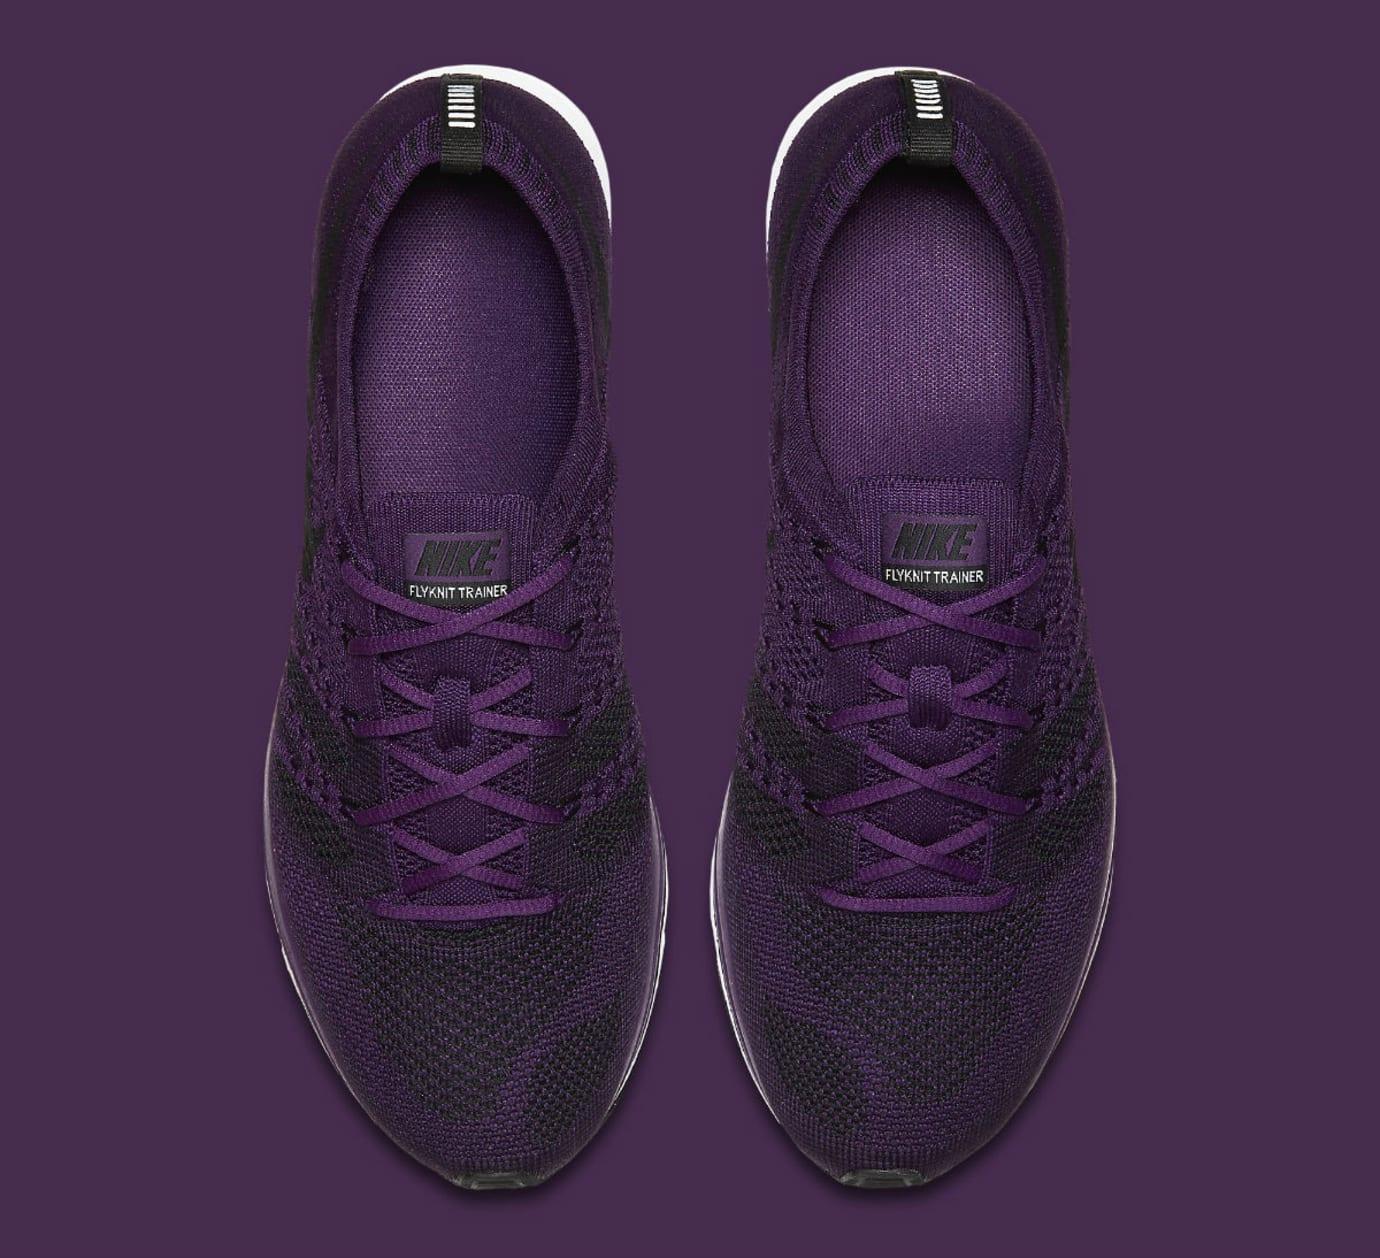 Nike Flyknit Trainer Night Purple Release Date AH8396-500 Top